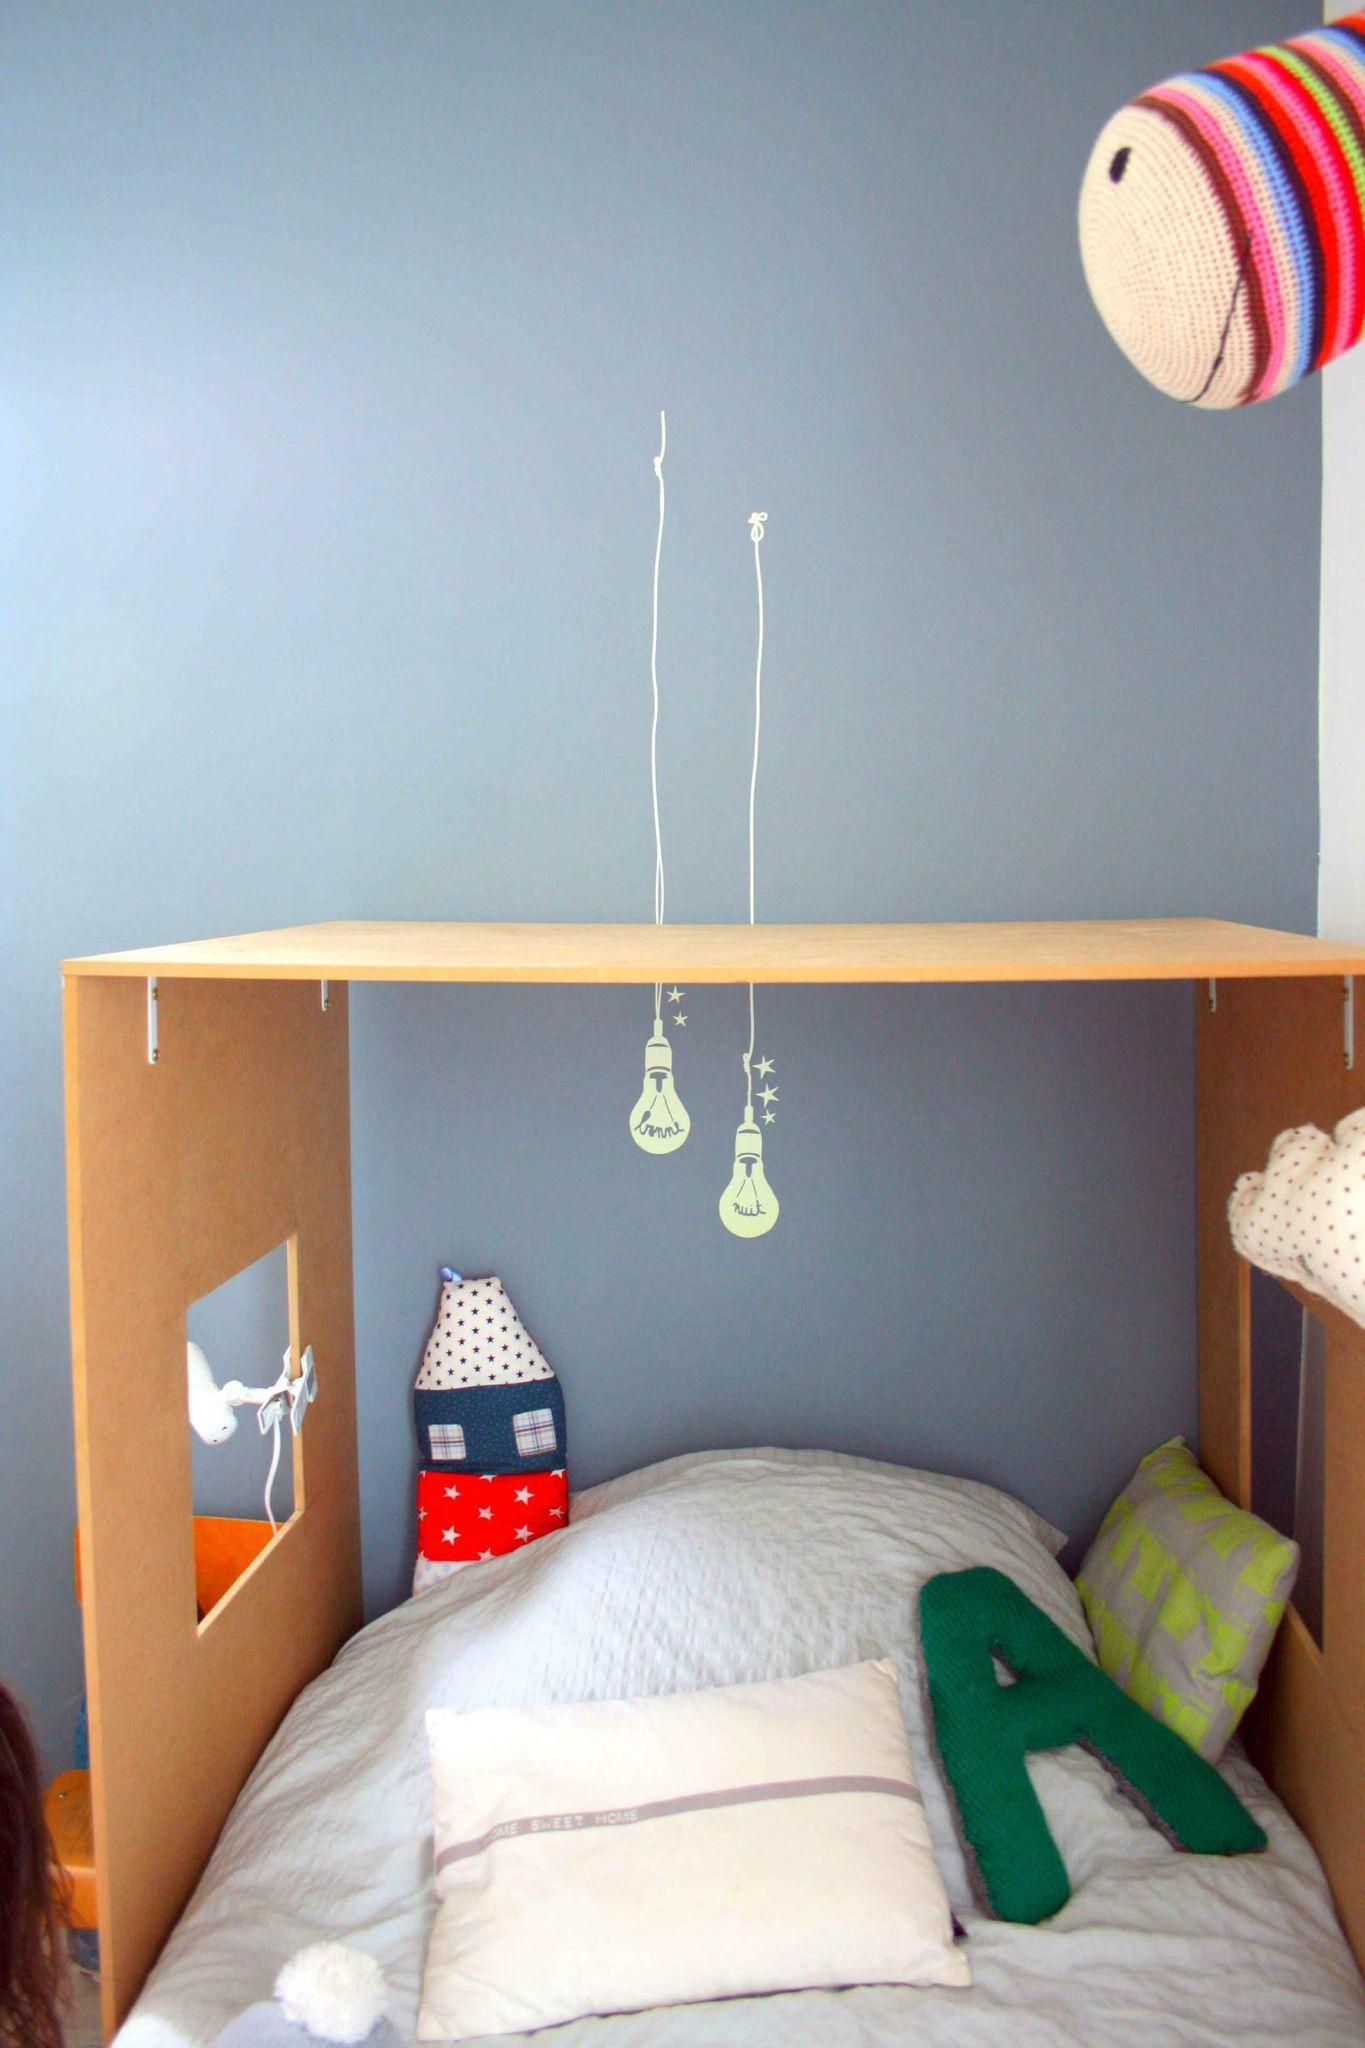 diy lit cabane deco enfant lit cabane deco chambre. Black Bedroom Furniture Sets. Home Design Ideas